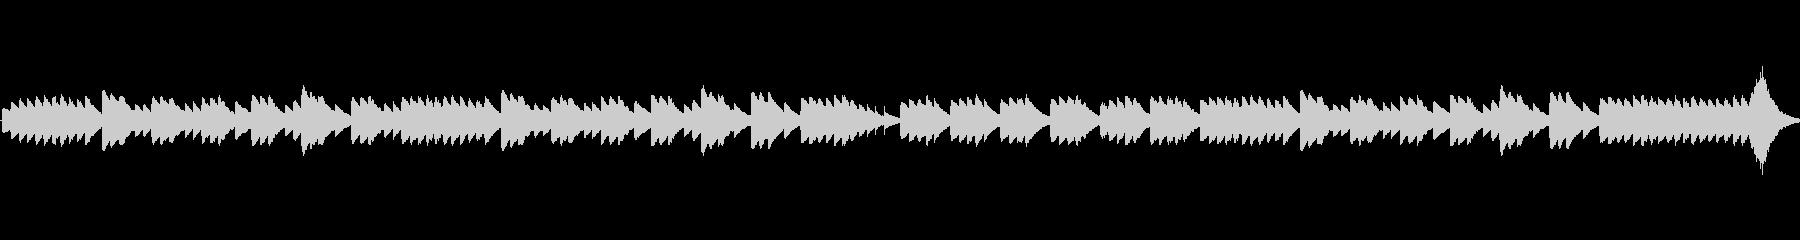 「浜辺の歌」のオルゴールアレンジの未再生の波形